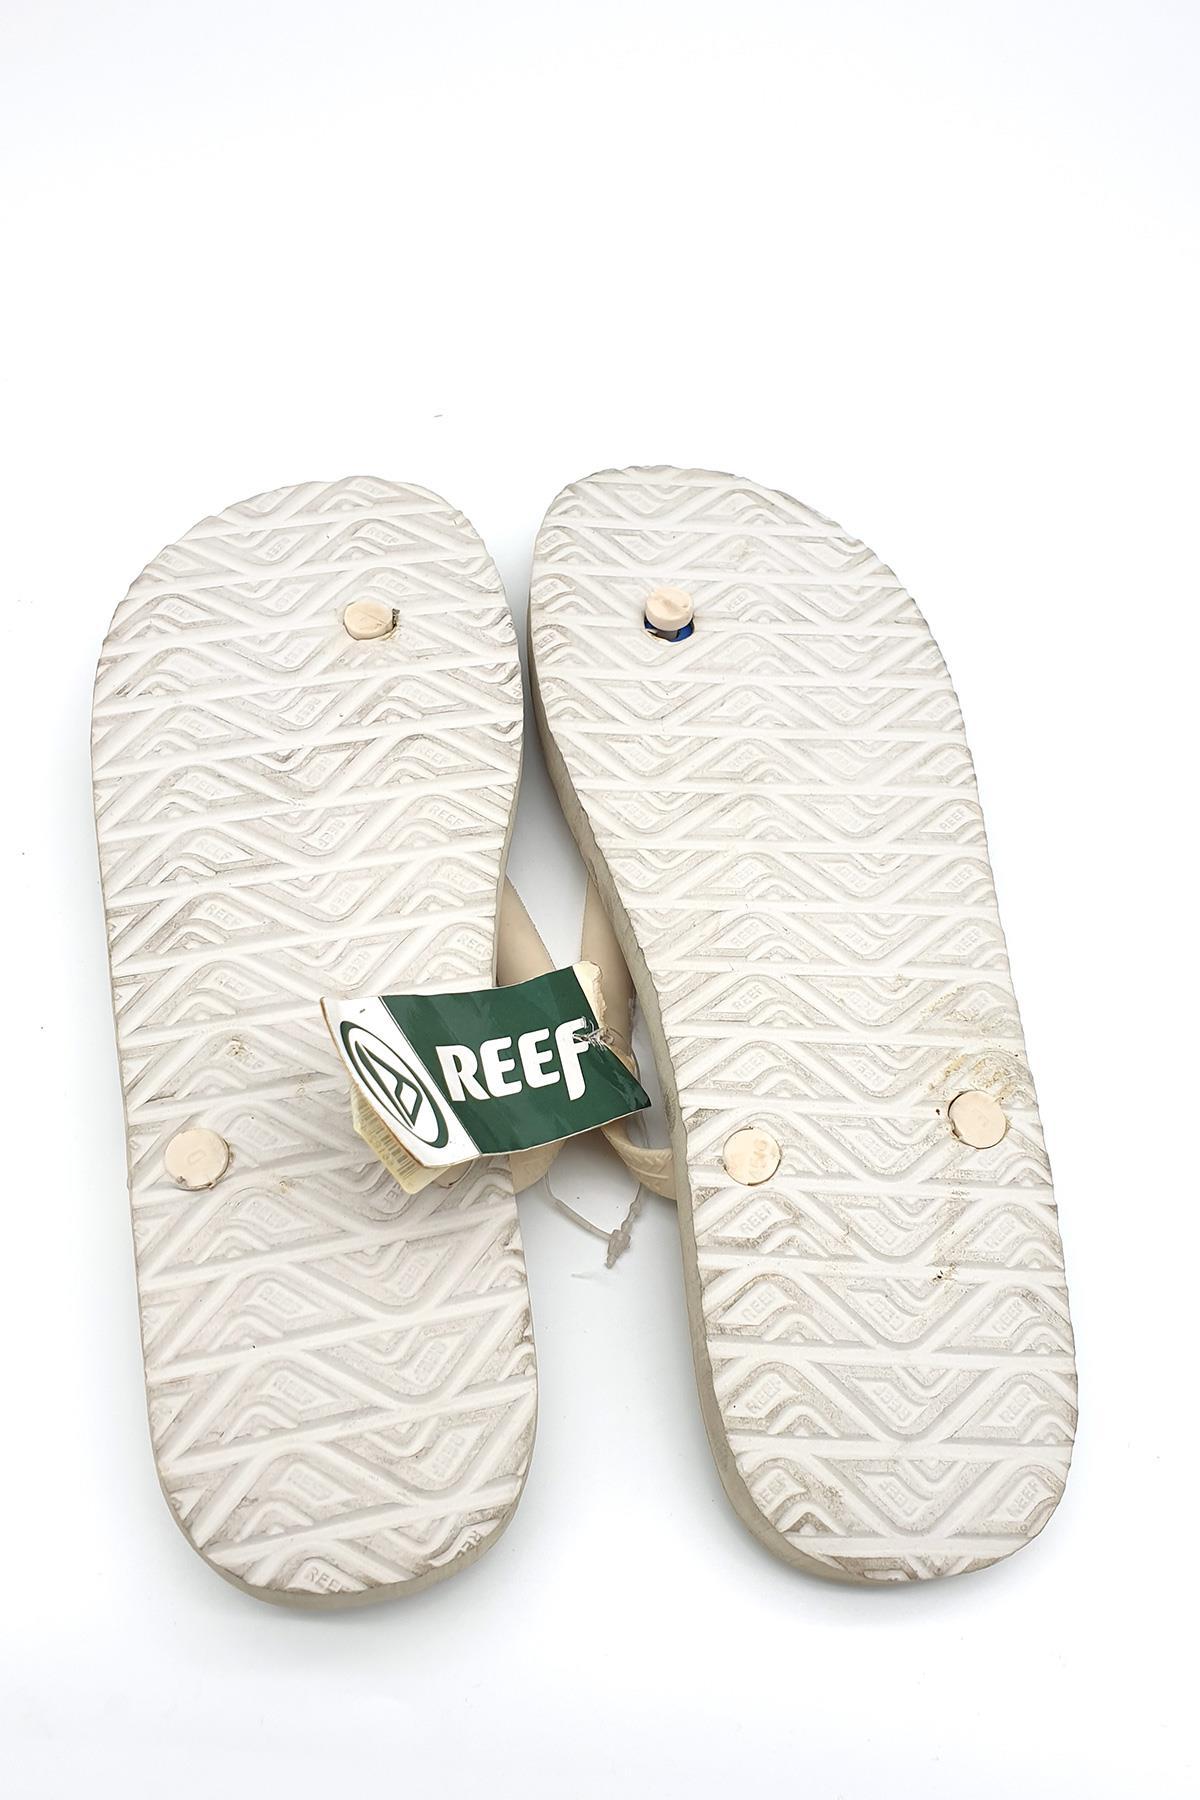 Reef Terlik Tobago Ref0227